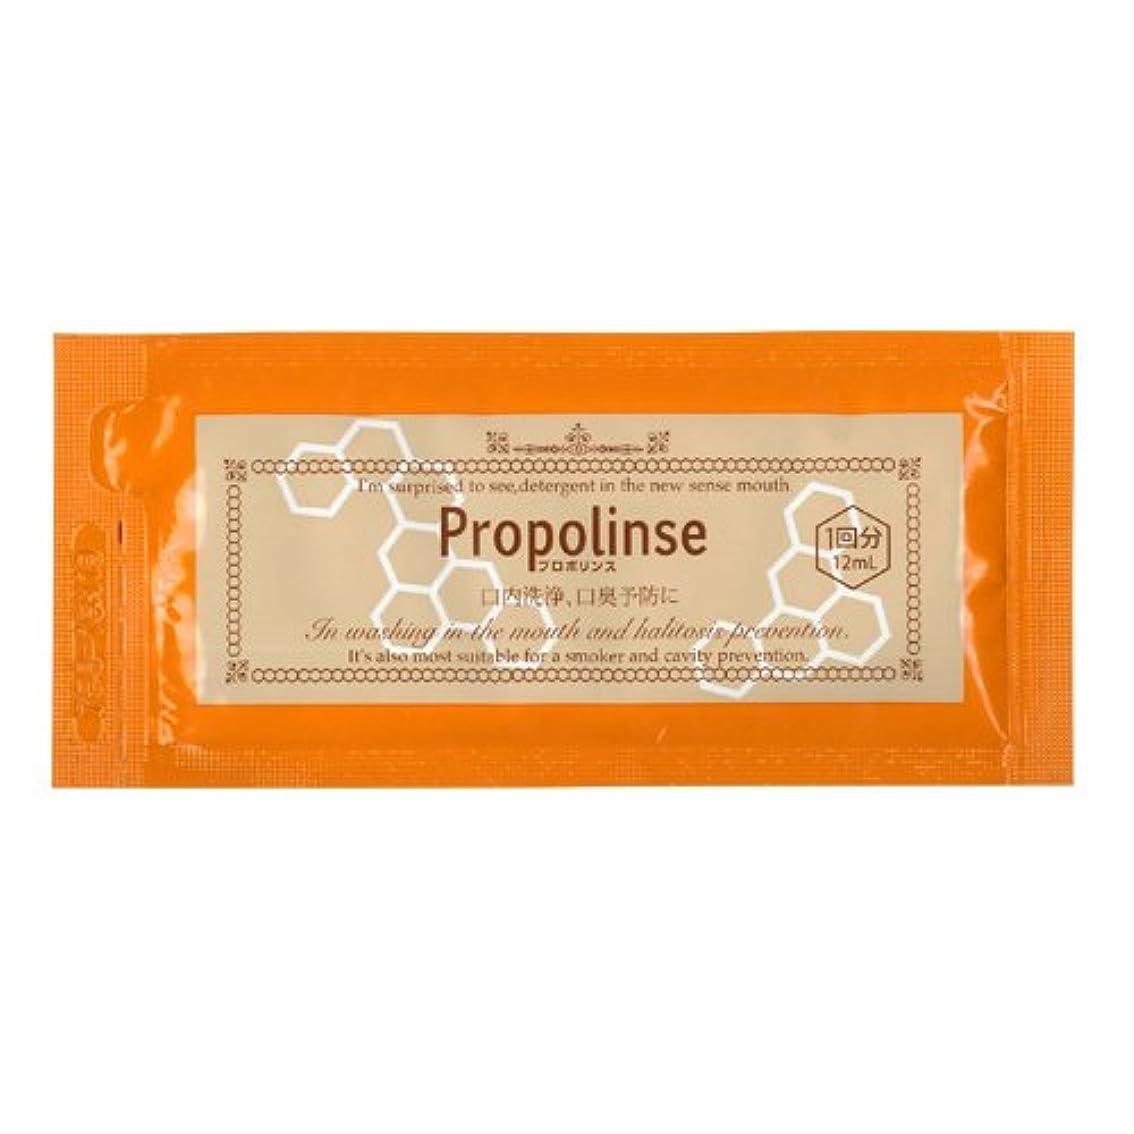 聴衆家畜実用的プロポリンス ハンディパウチ 12ml×5袋